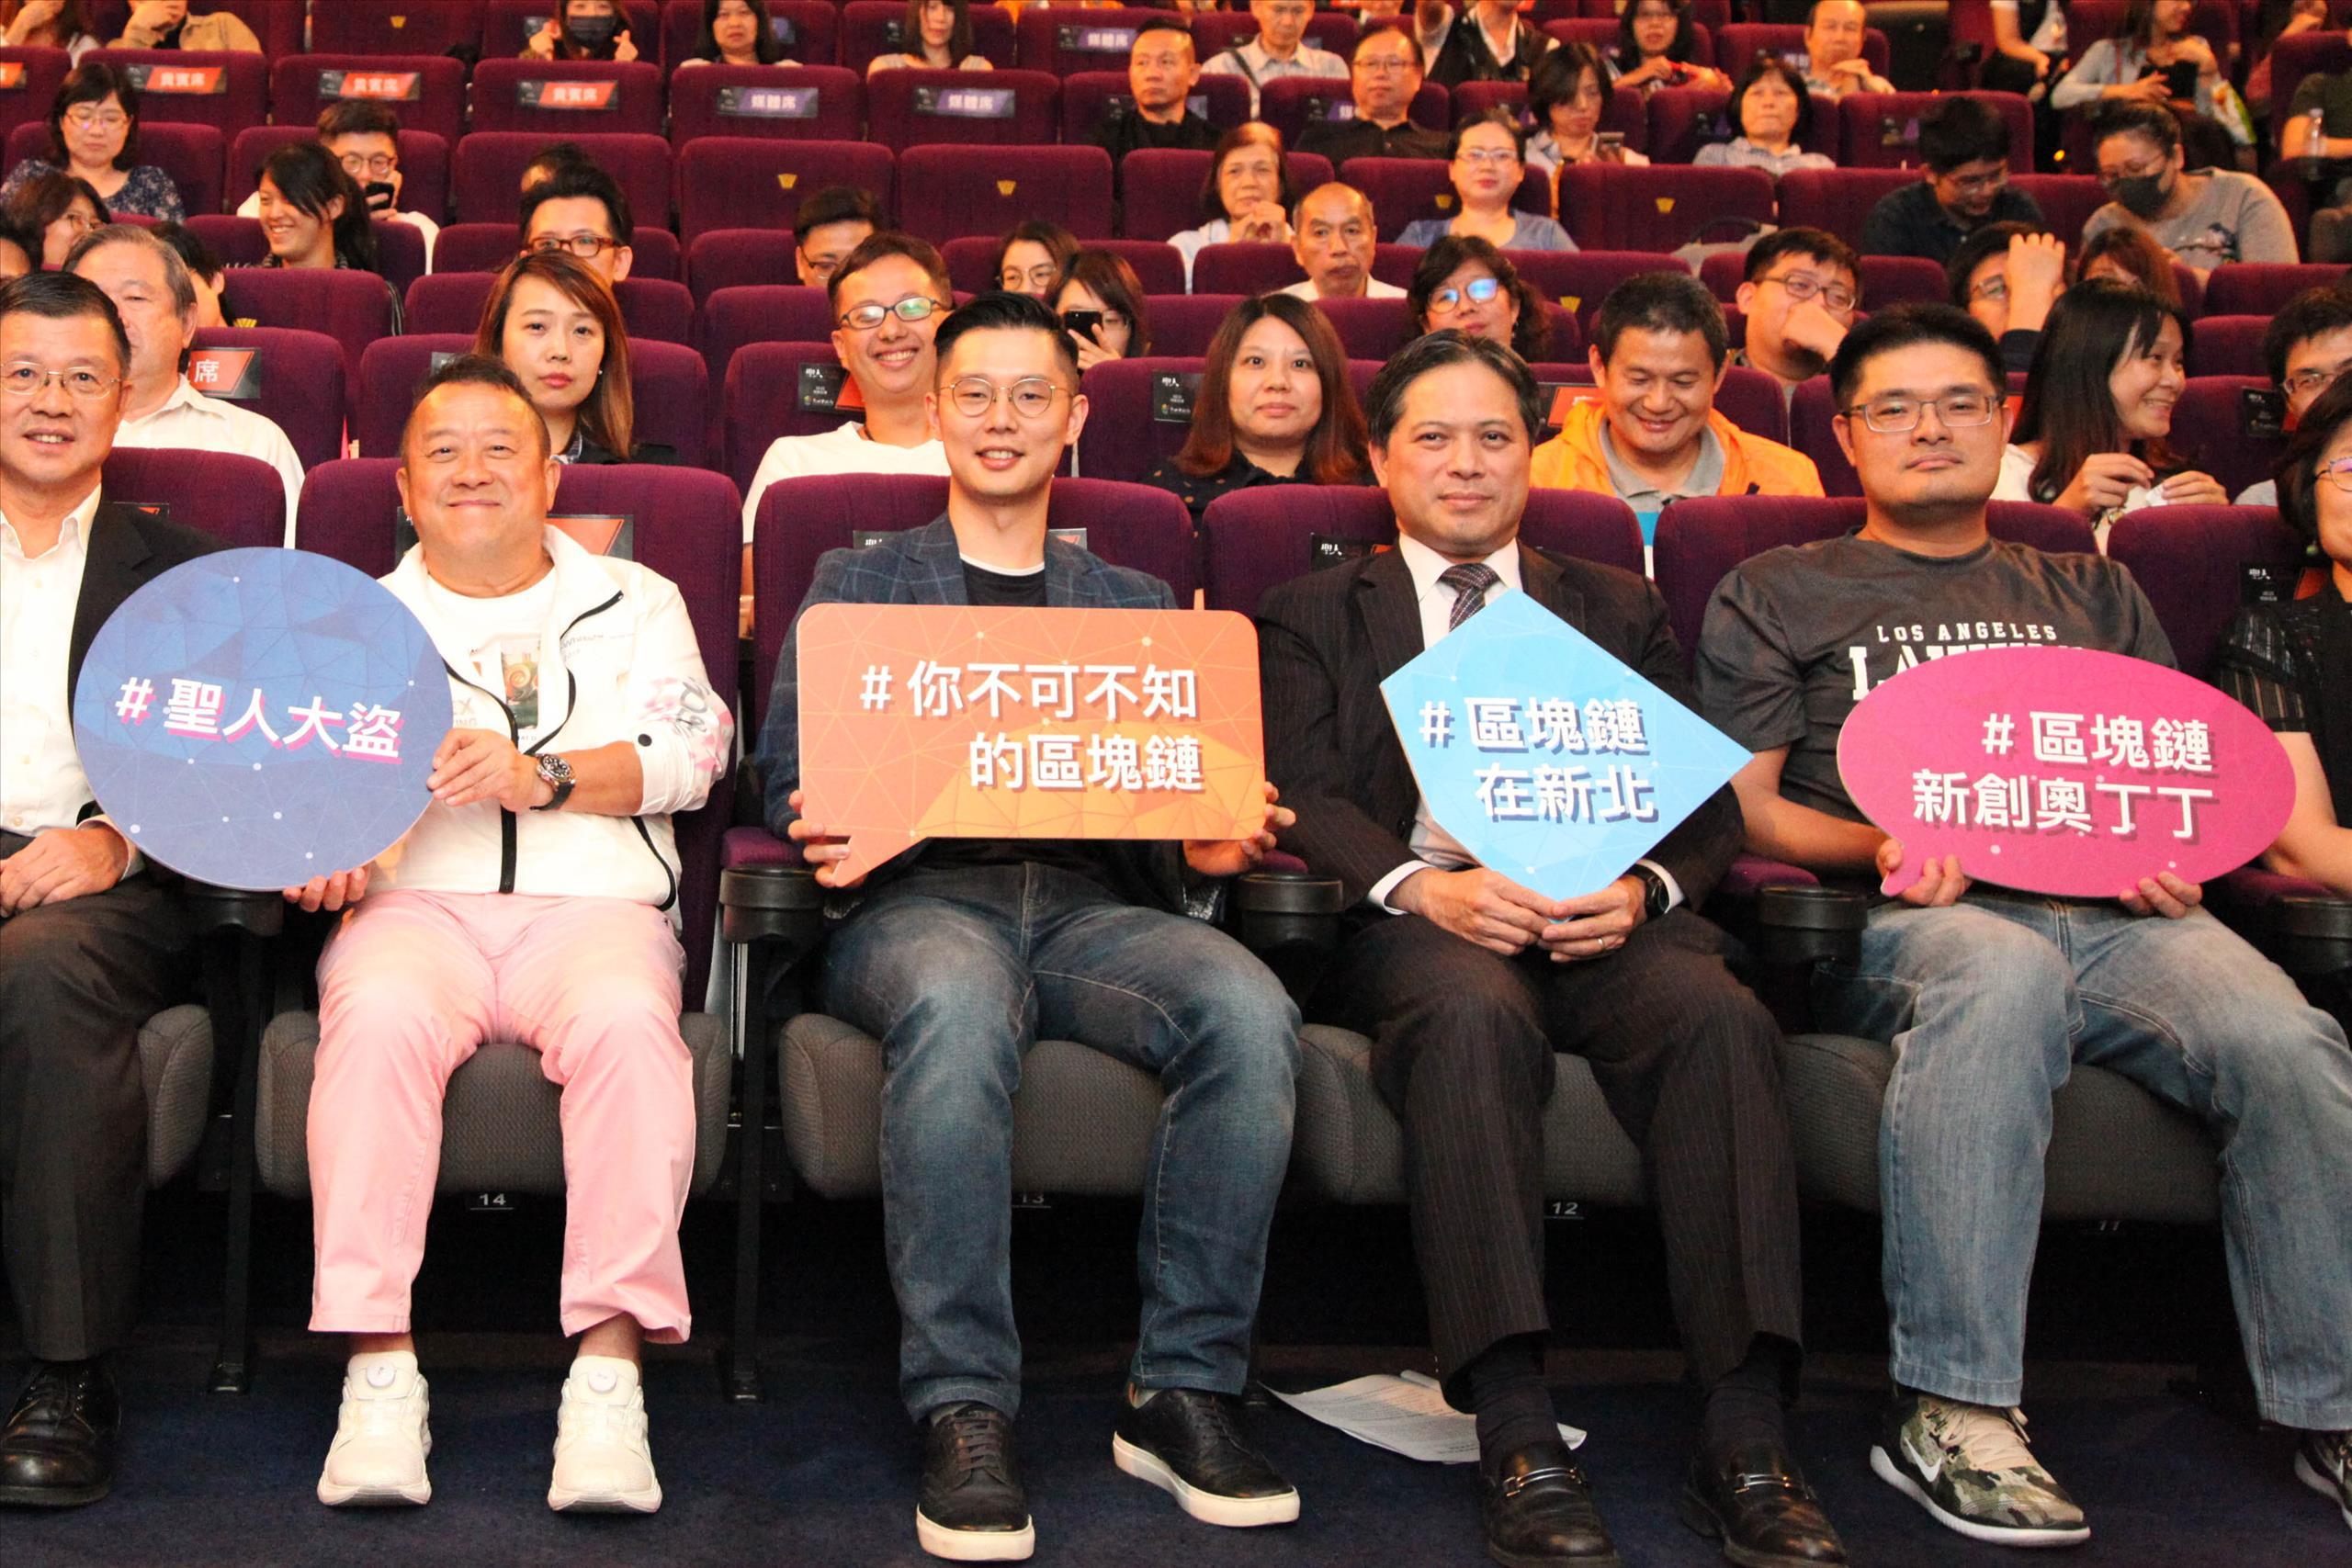 新北力挺臺灣首部區塊鏈概念電影 包場廣邀企業與民眾一同參與支持